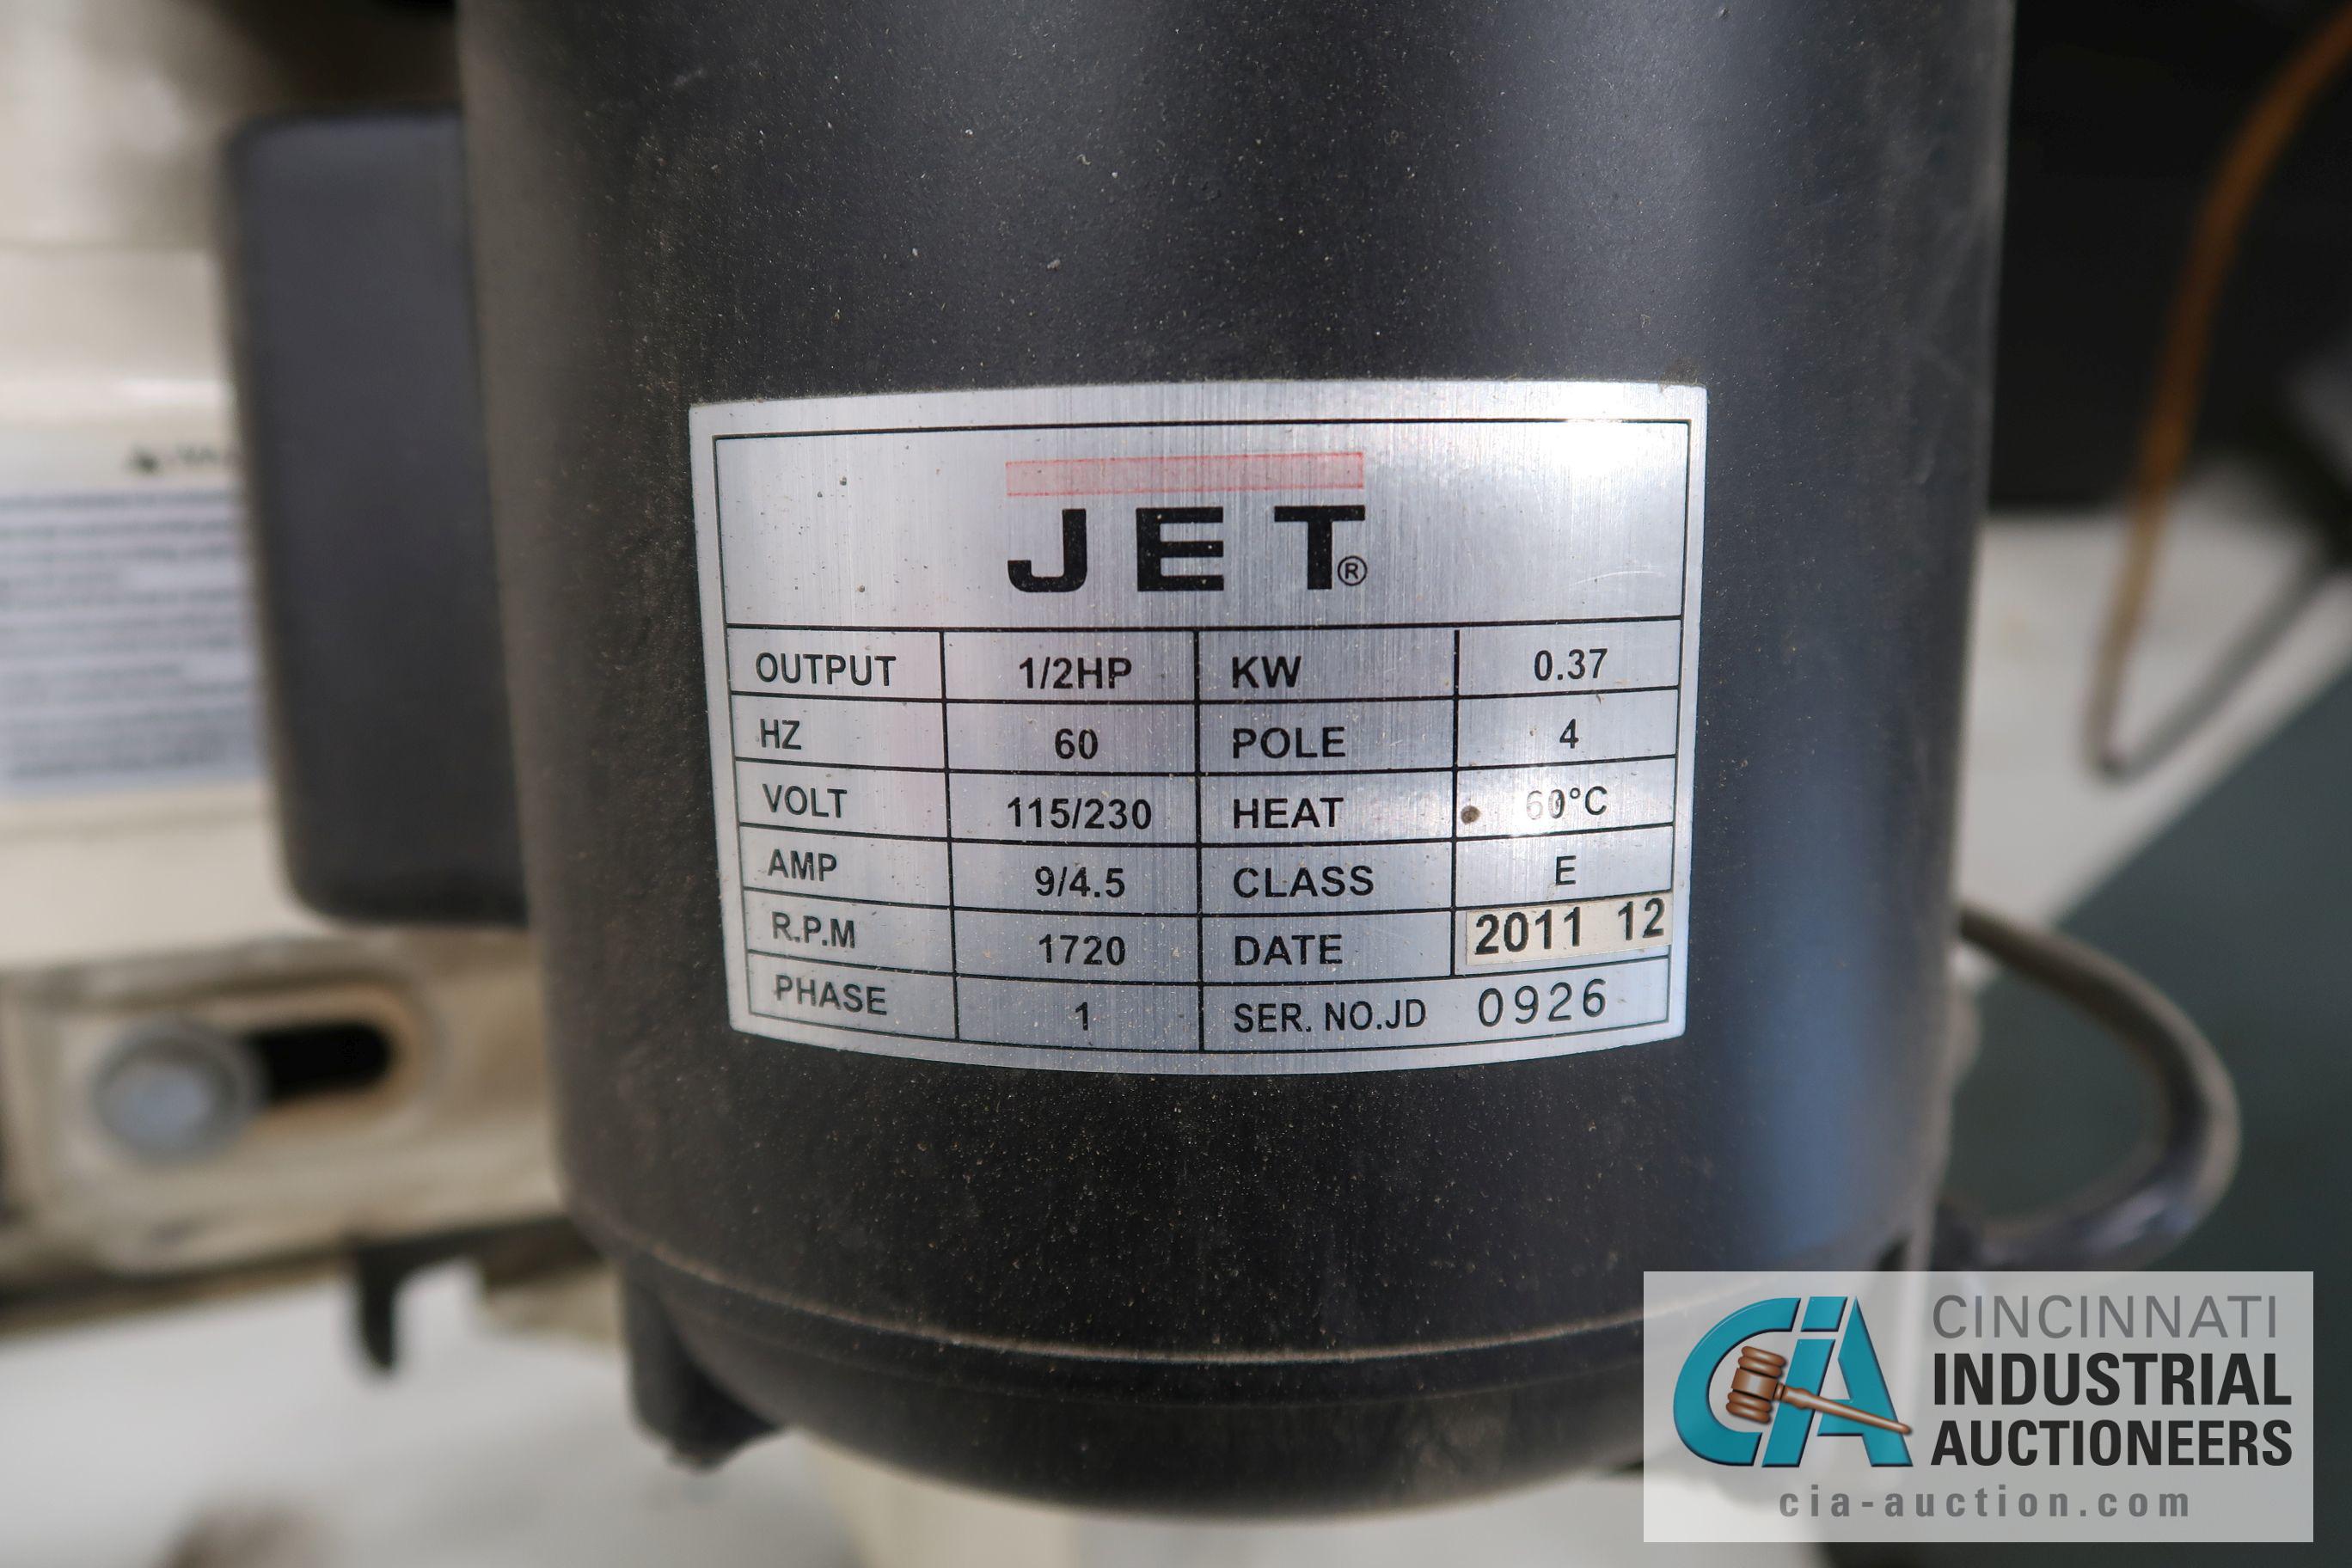 JET MODEL HVBS-56M HORIZONTAL / VERTICAL BAND SAW; S/N 120136125, 115 VOLT (2011) - Image 4 of 4